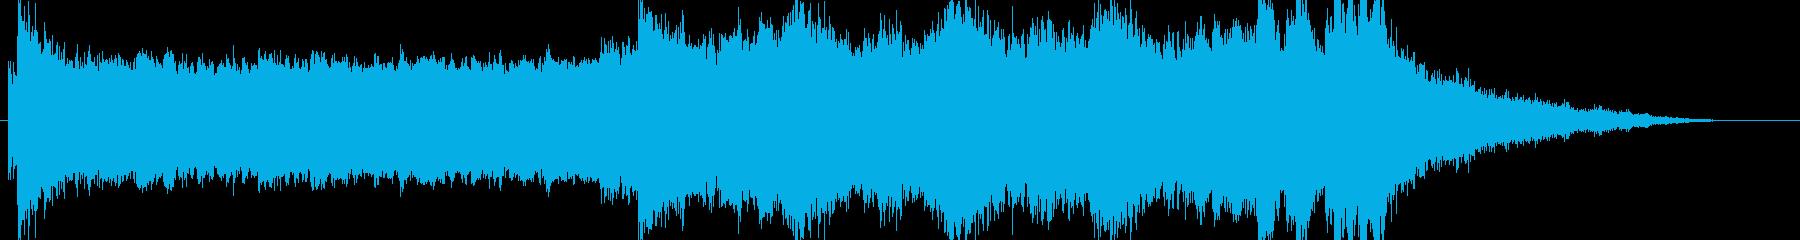 ラスボス登場!重々しさがひしめくBGMの再生済みの波形